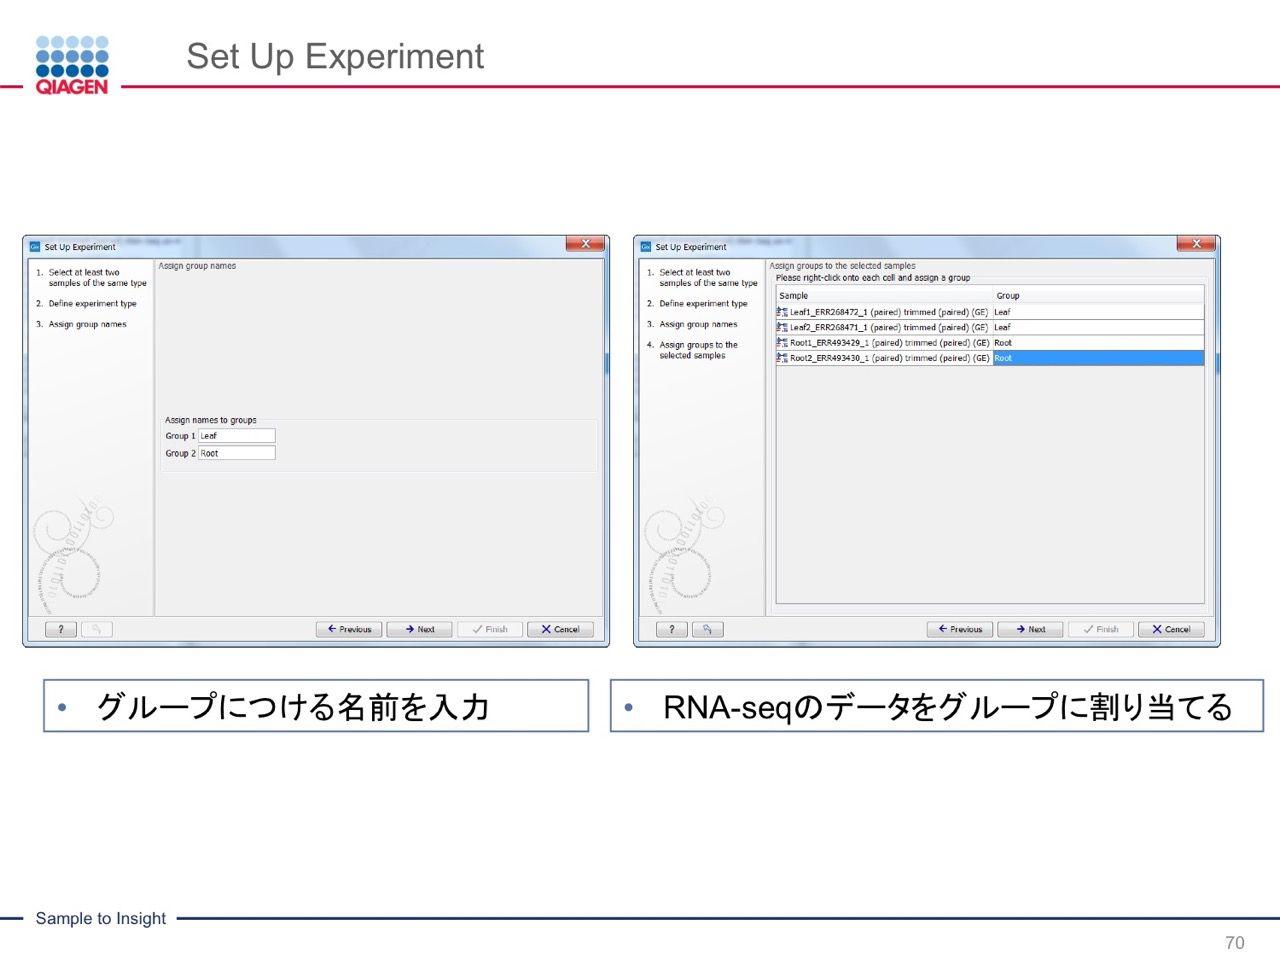 images/AJACSa2_miyamoto_070.jpg